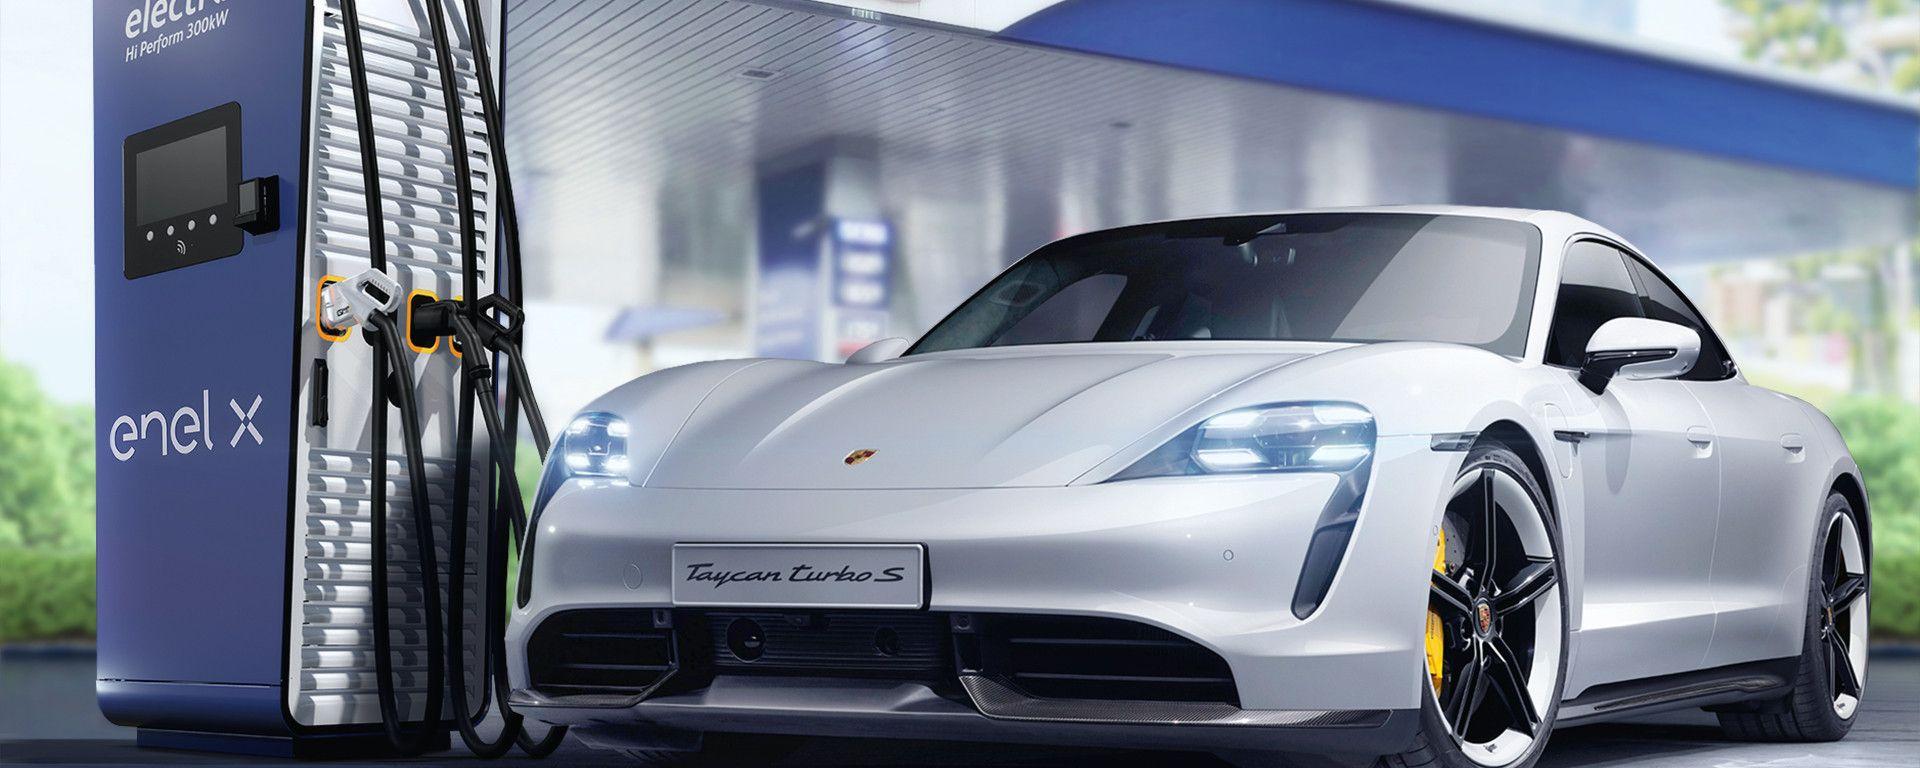 Porsche 2021, le colonnine con Enel X e Q8